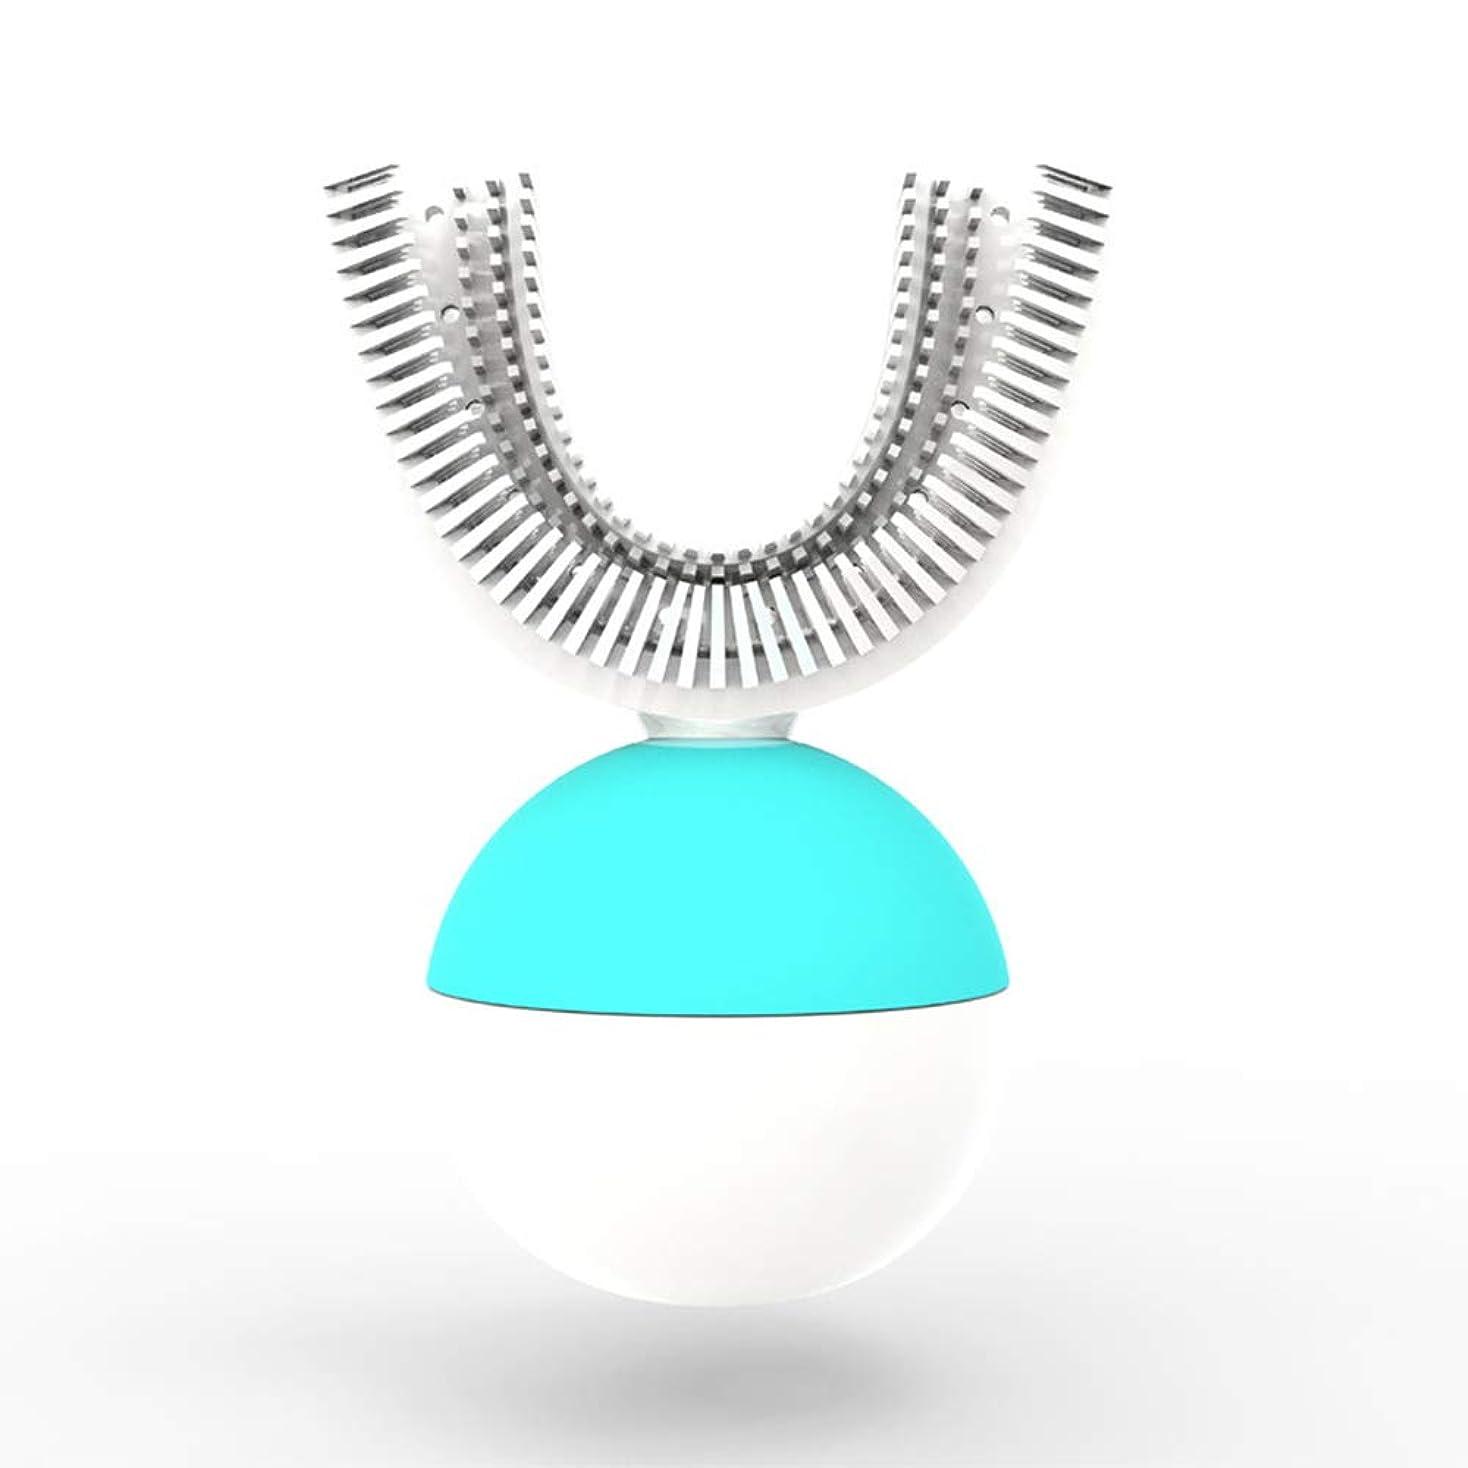 ワイヤレス充電による全自動電動歯ブラシ360°インテリジェント自動、ポータブルUタイプ歯ブラシ、10秒タイマー、IPX7防水